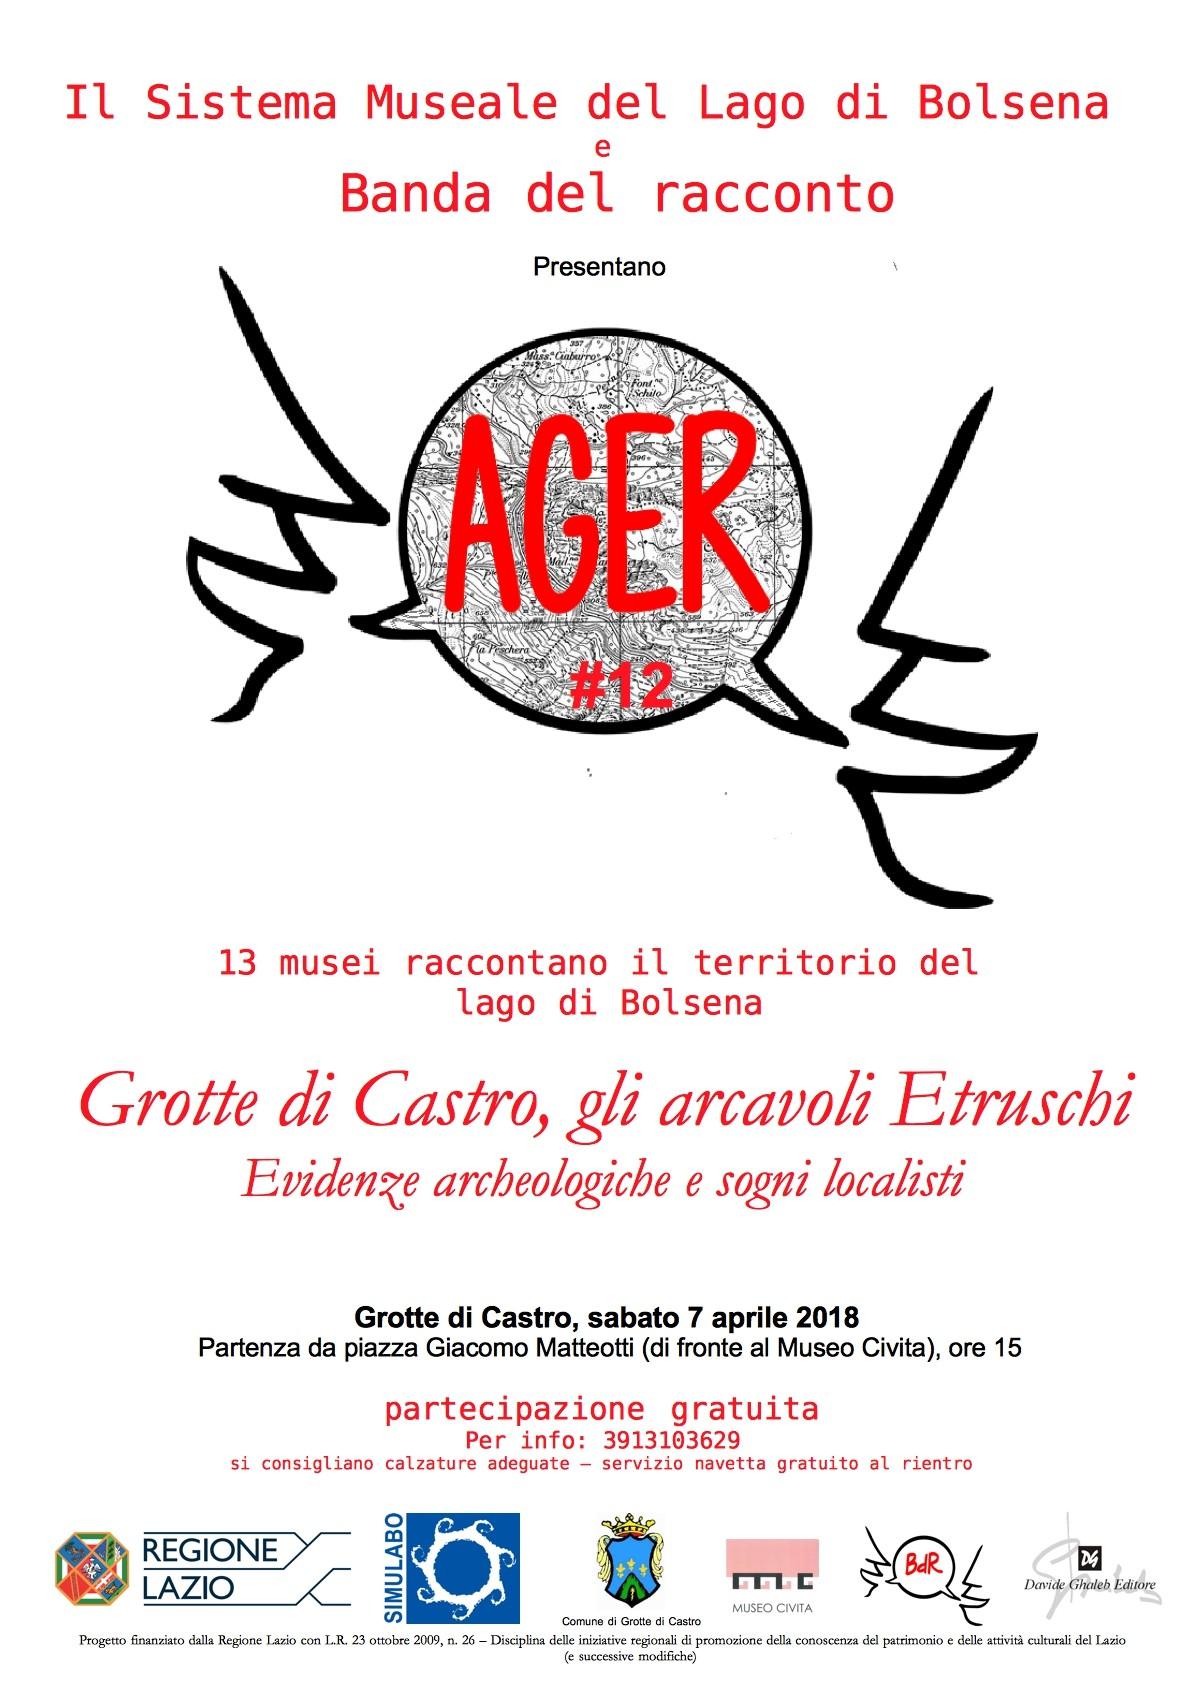 28 03 2018 AGER 12 Grotte di Castro gli arcavoli Etruschi